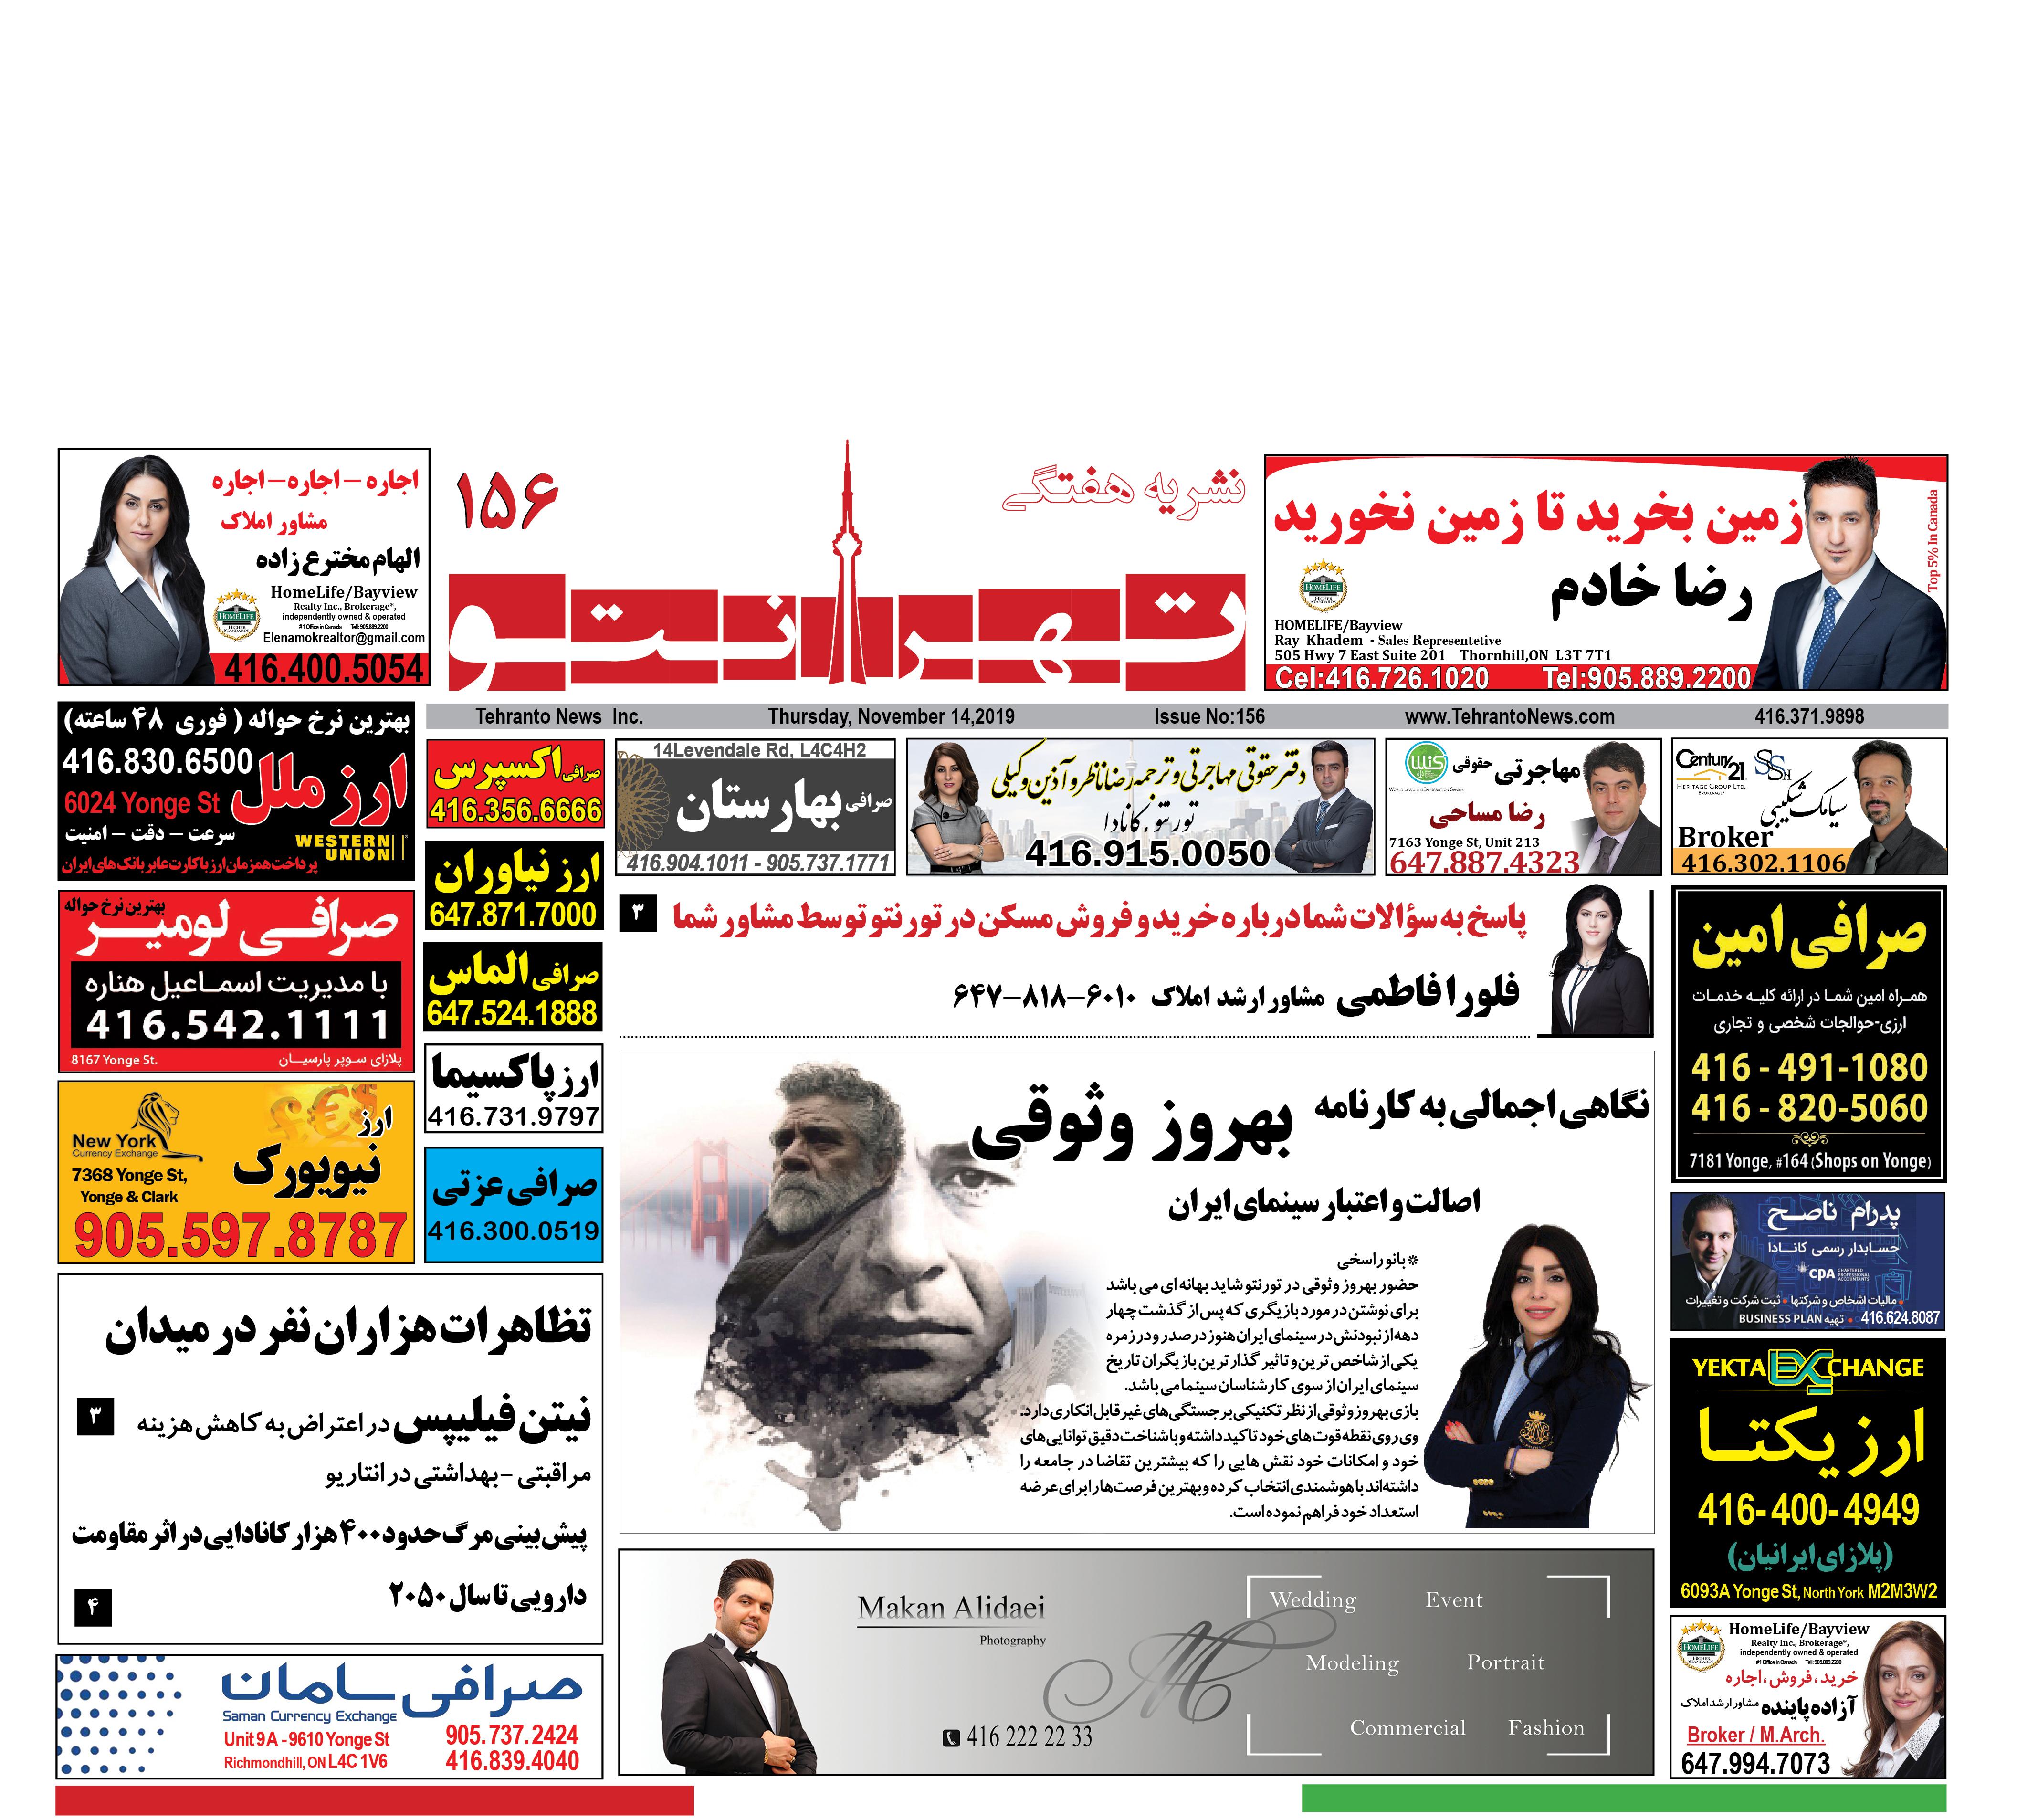 تصویر از نشریه شماره ۱۵۶ تهرانتو منتشر شد